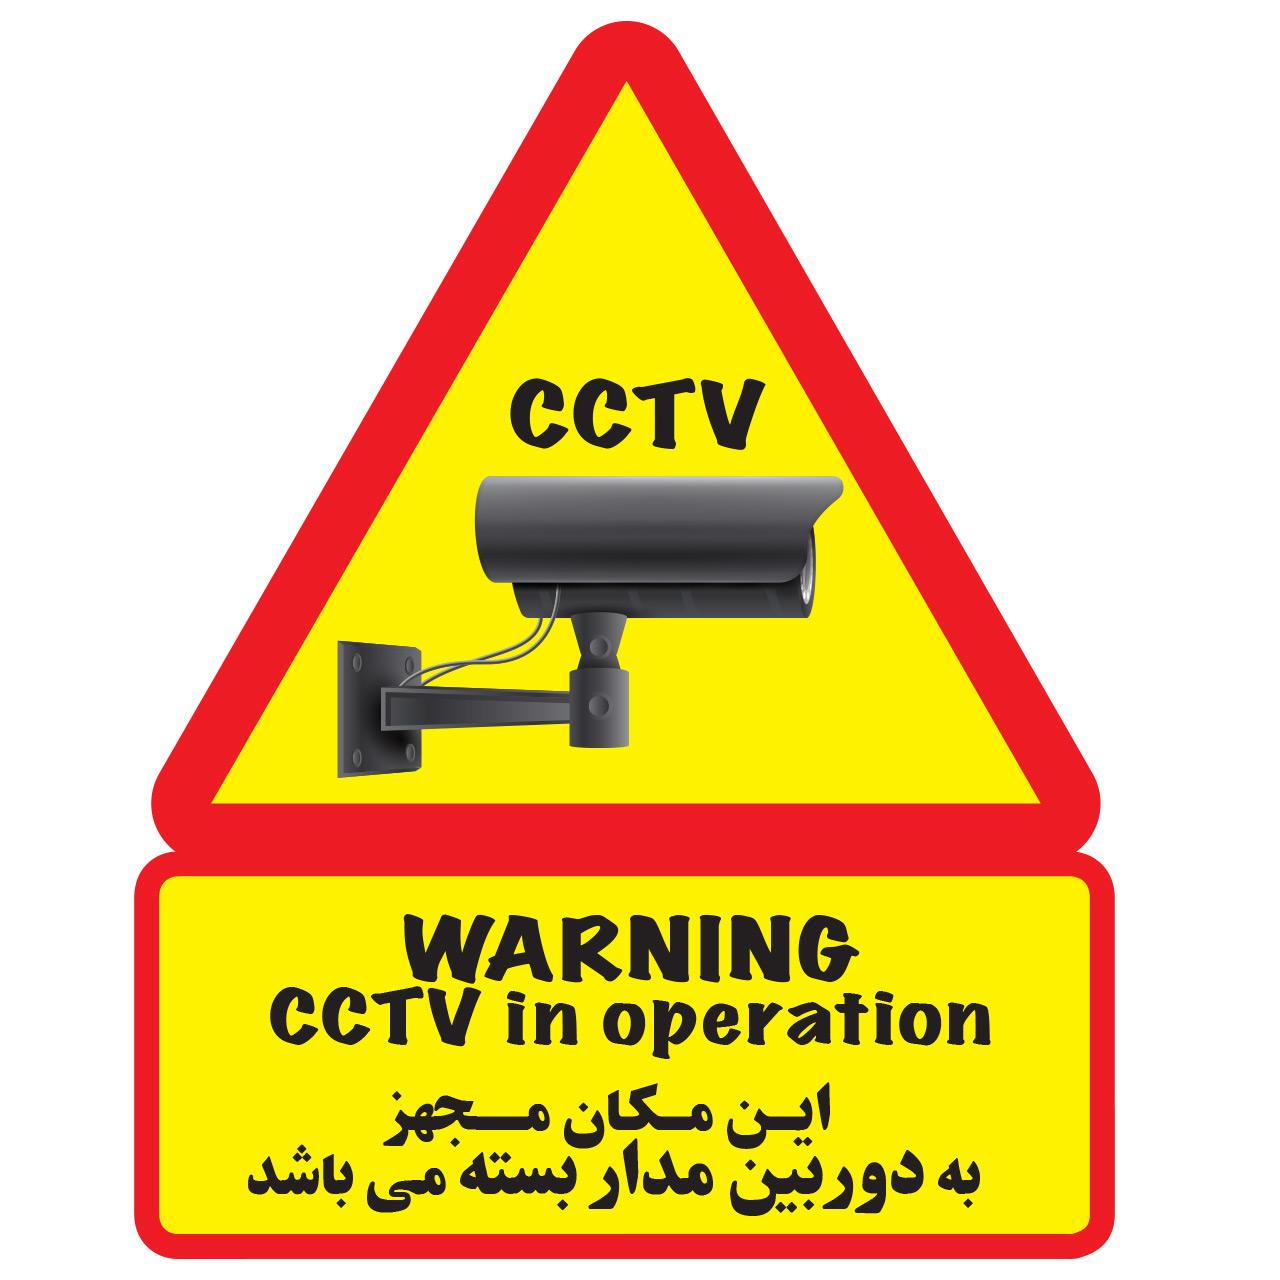 استیکر علامت هشدار دهنده دکوگراف مدل  دوربین مدار بسته کد 05